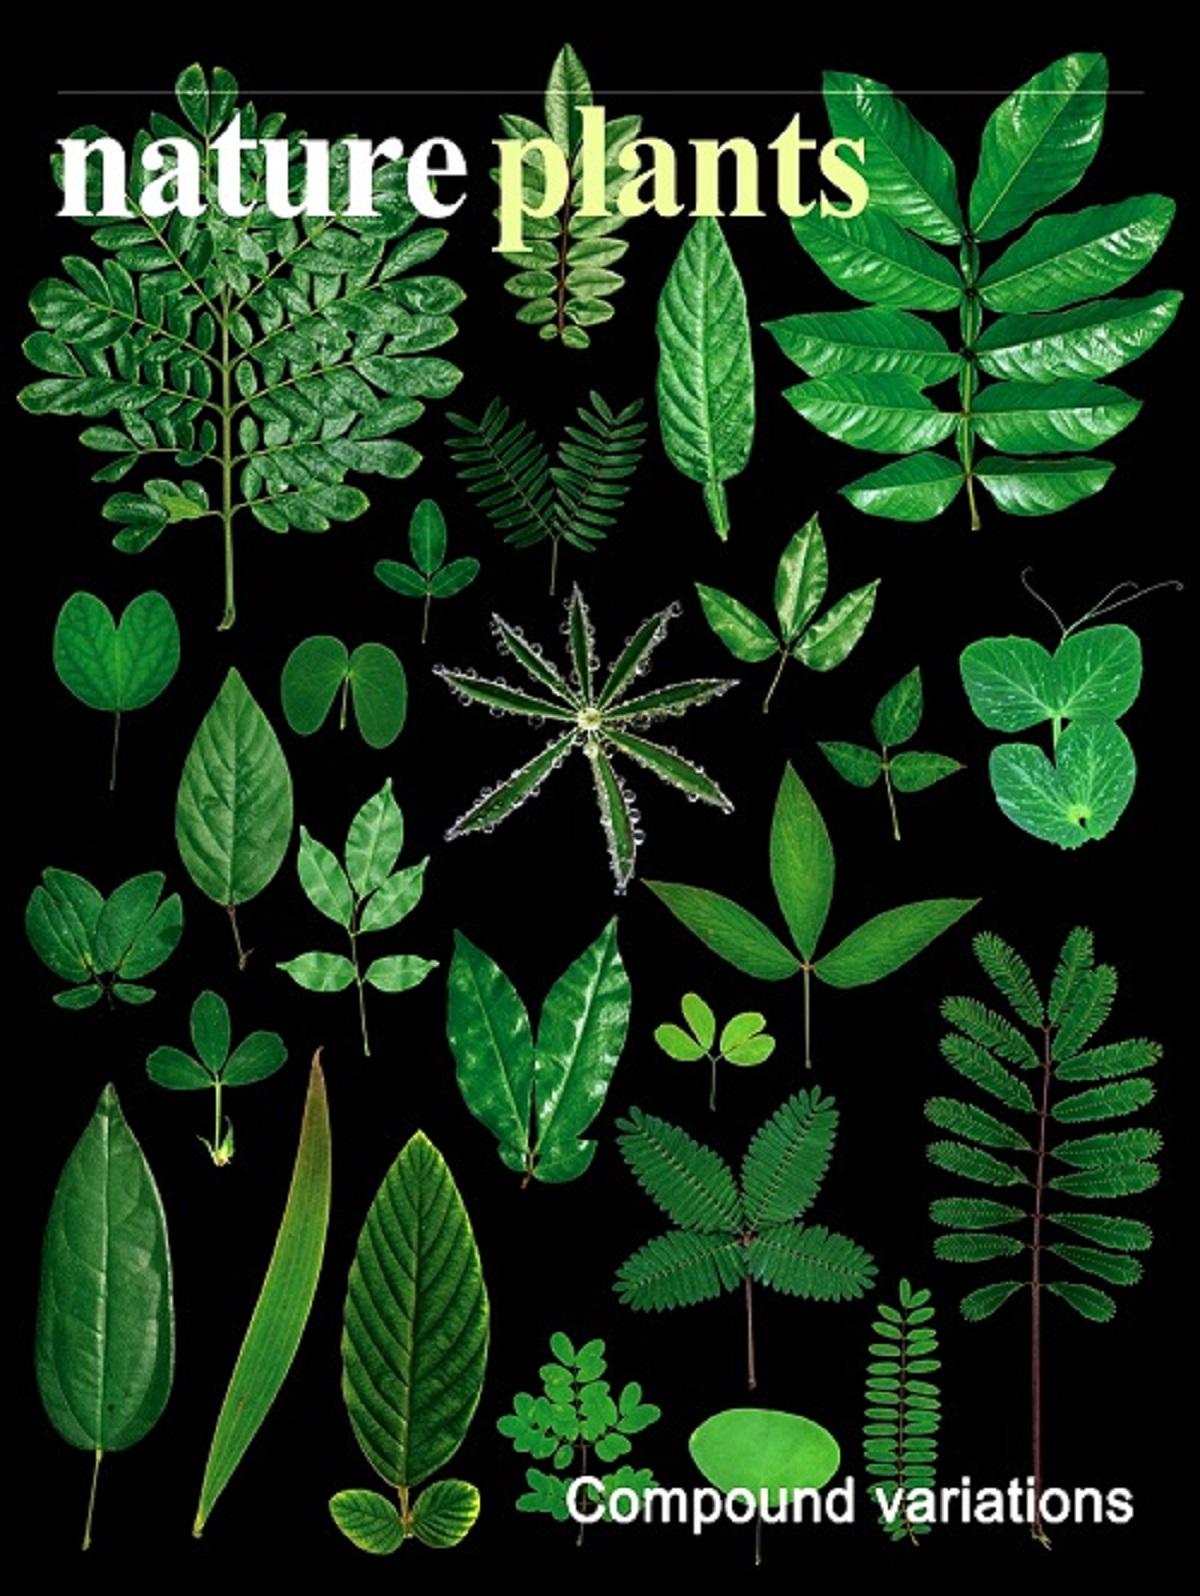 研究成果被选为《自然—植物》封面故事。     陈江华供图